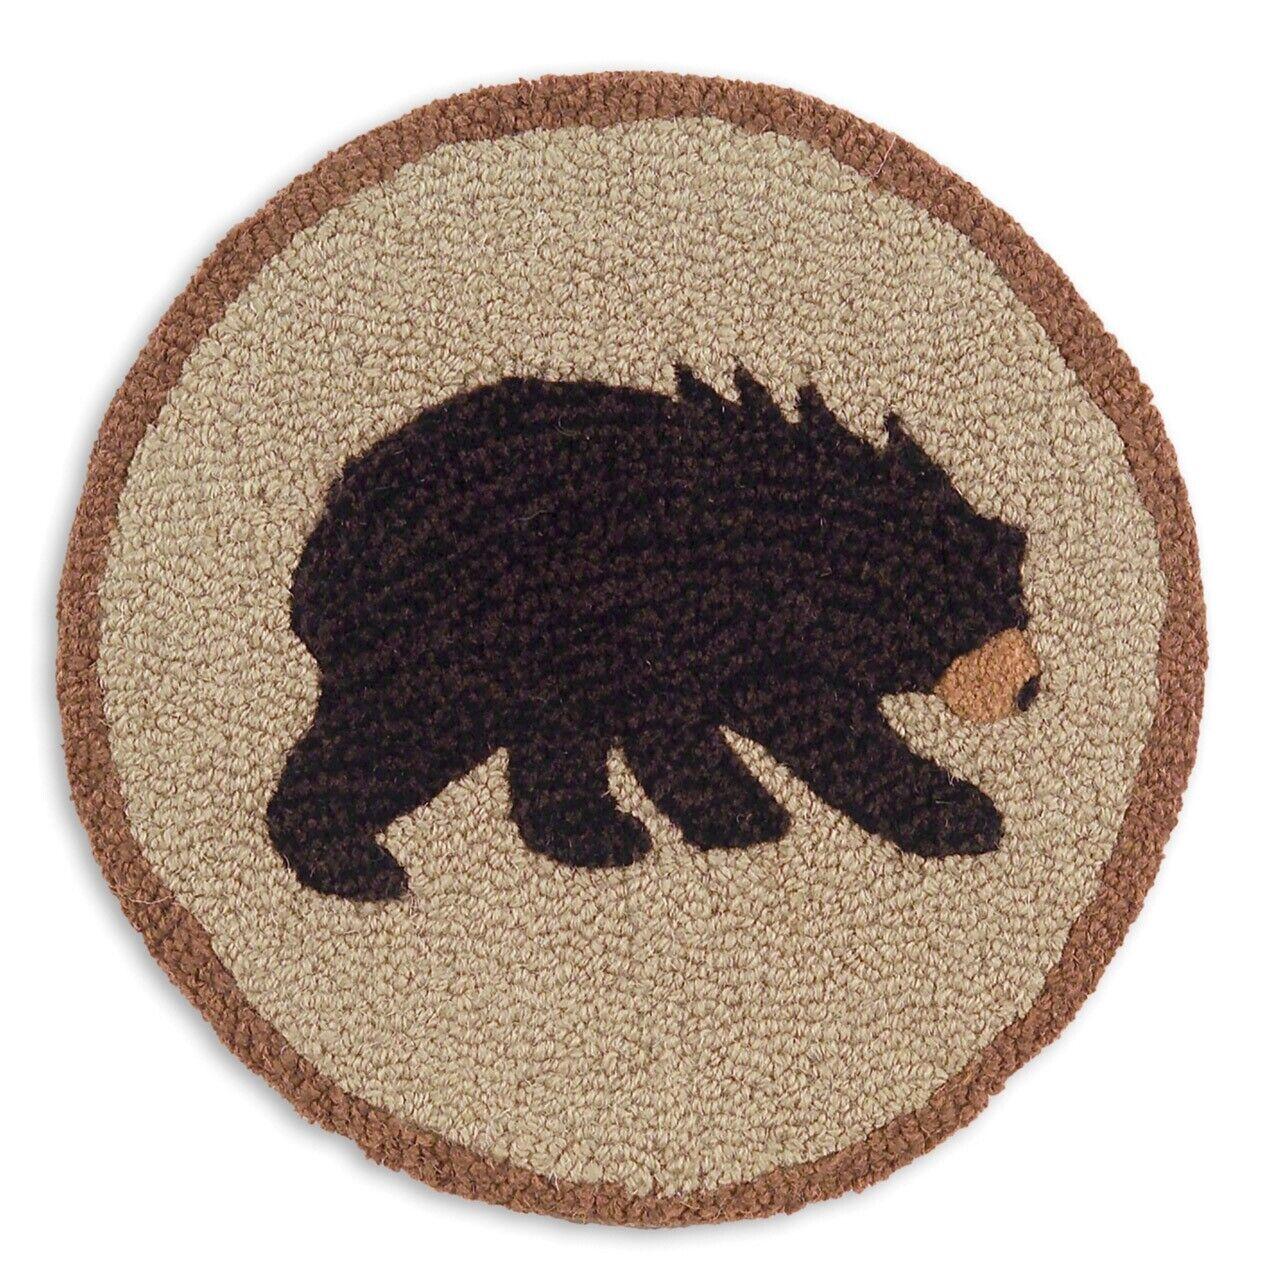 Vermont Bear 14  crochet laine coussins de chaise  Jeux  Chandler 4 Coins-Free Ship